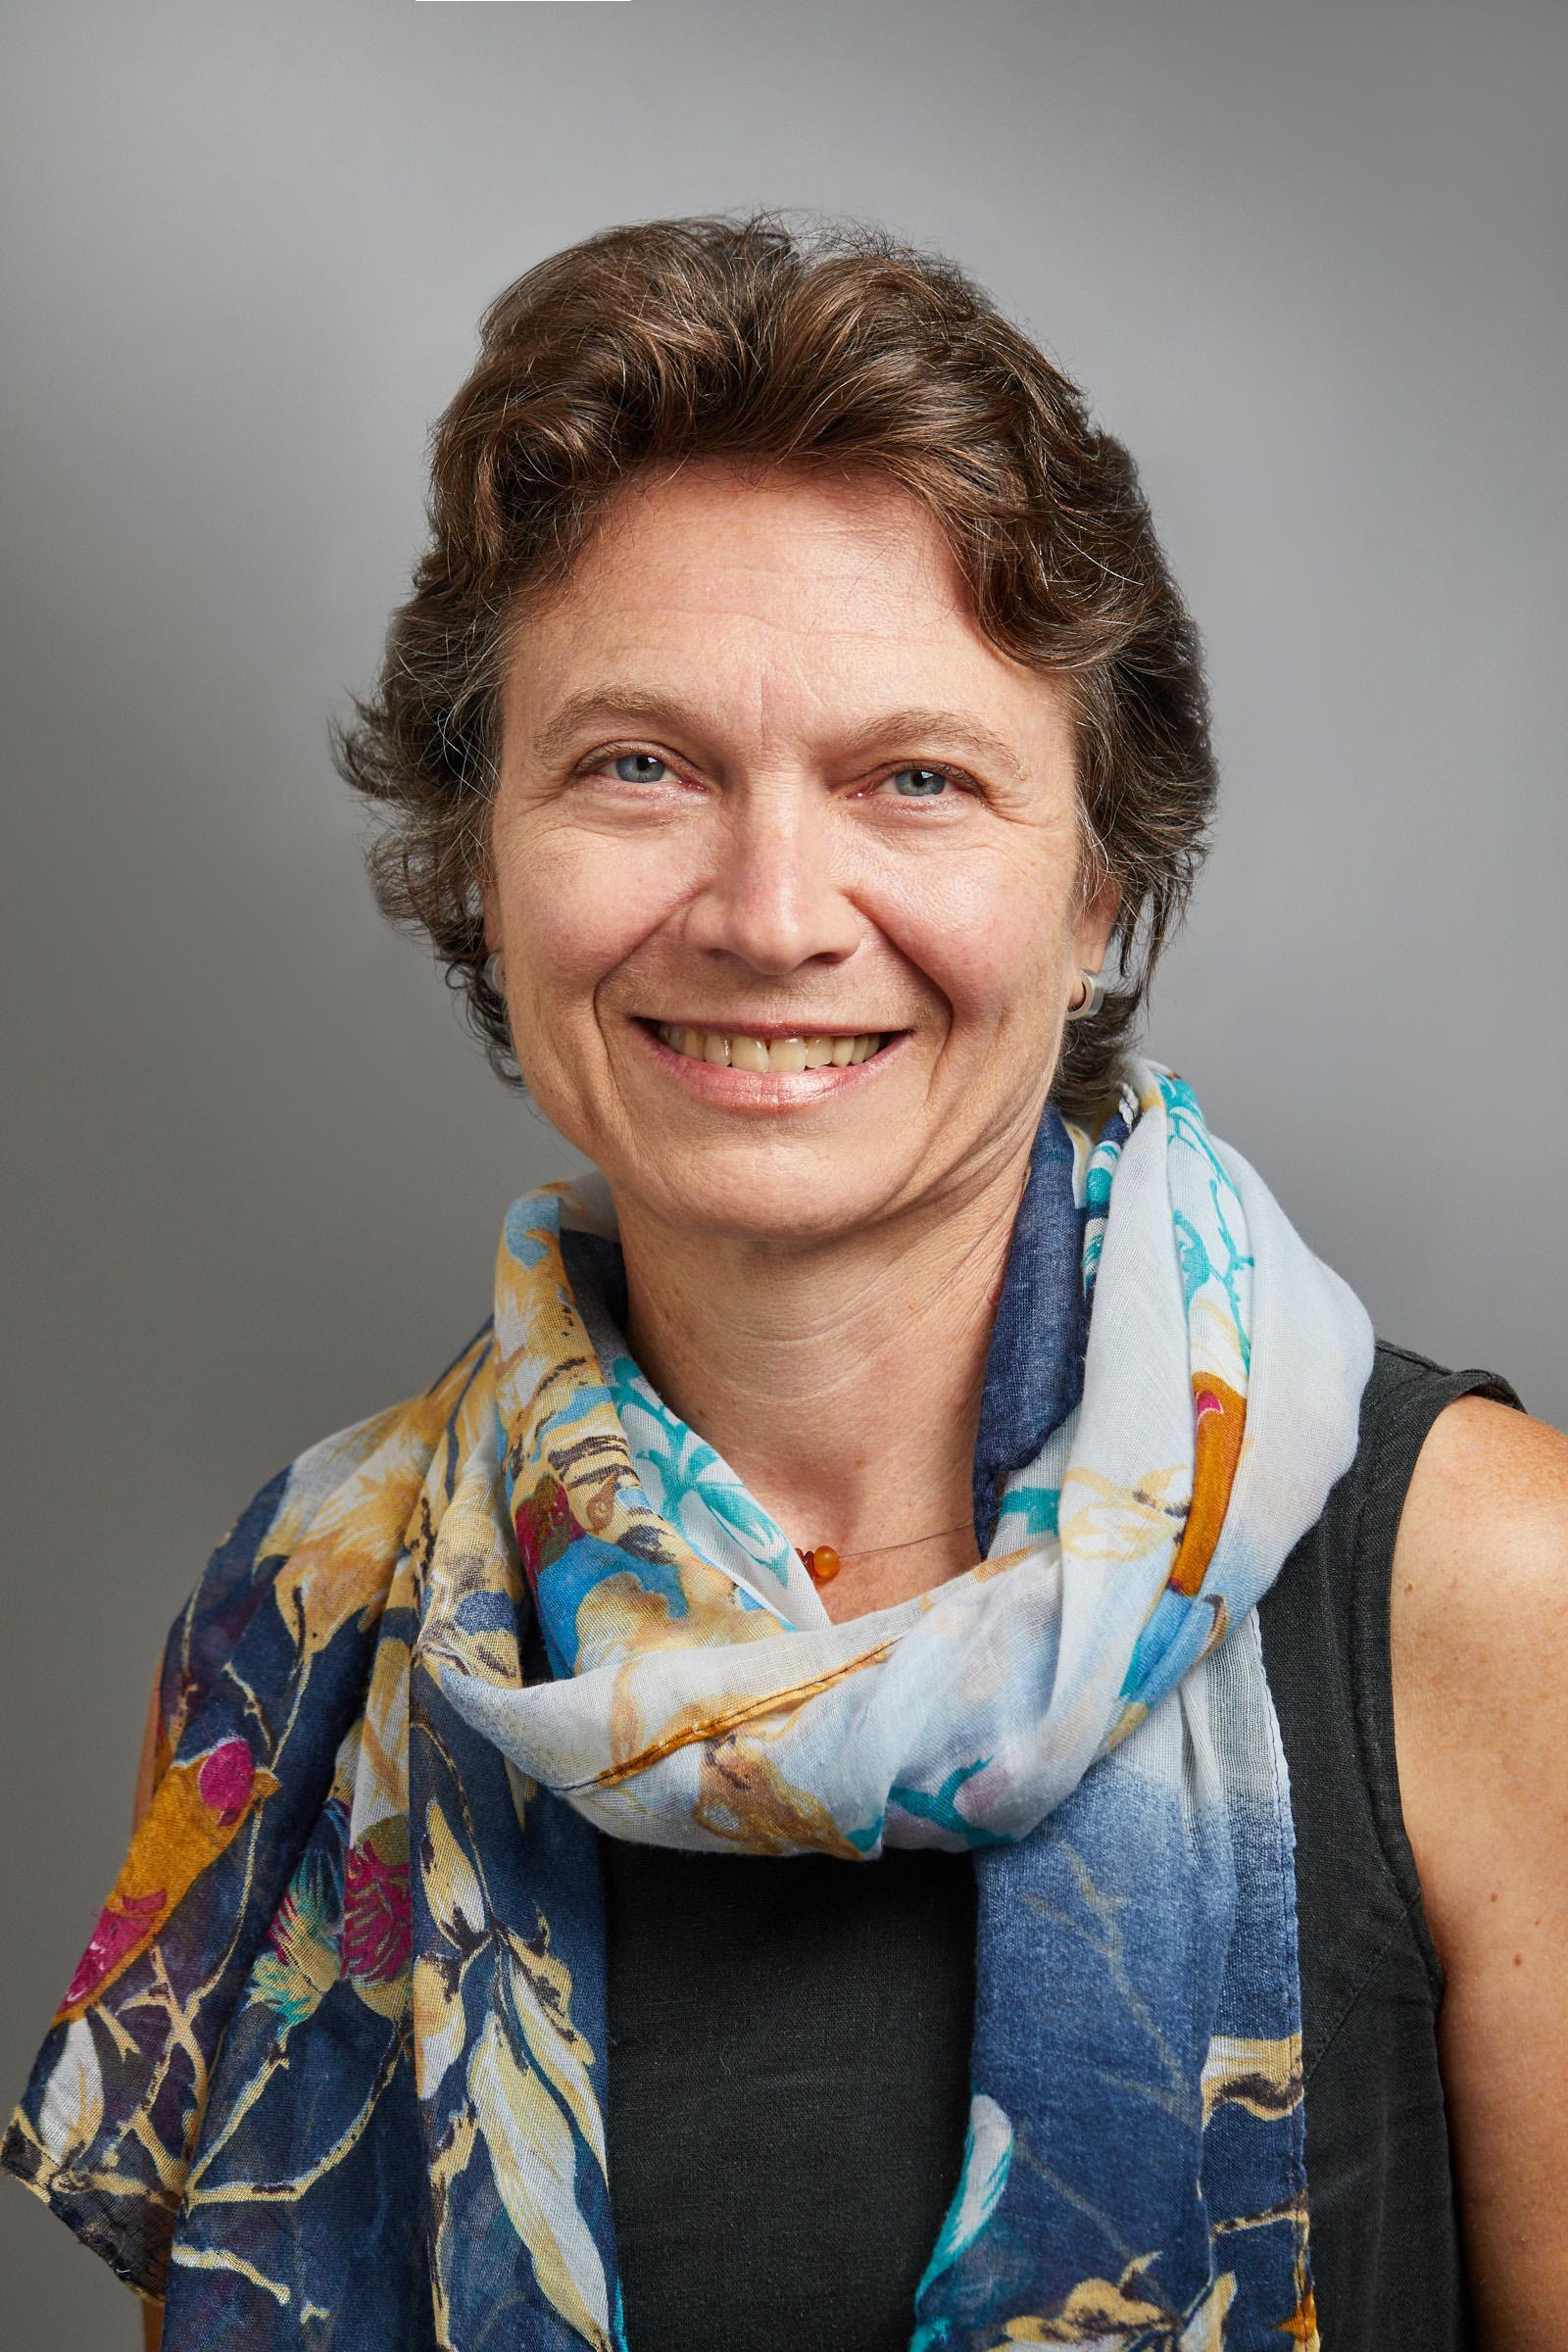 Karla M. Neugebauer